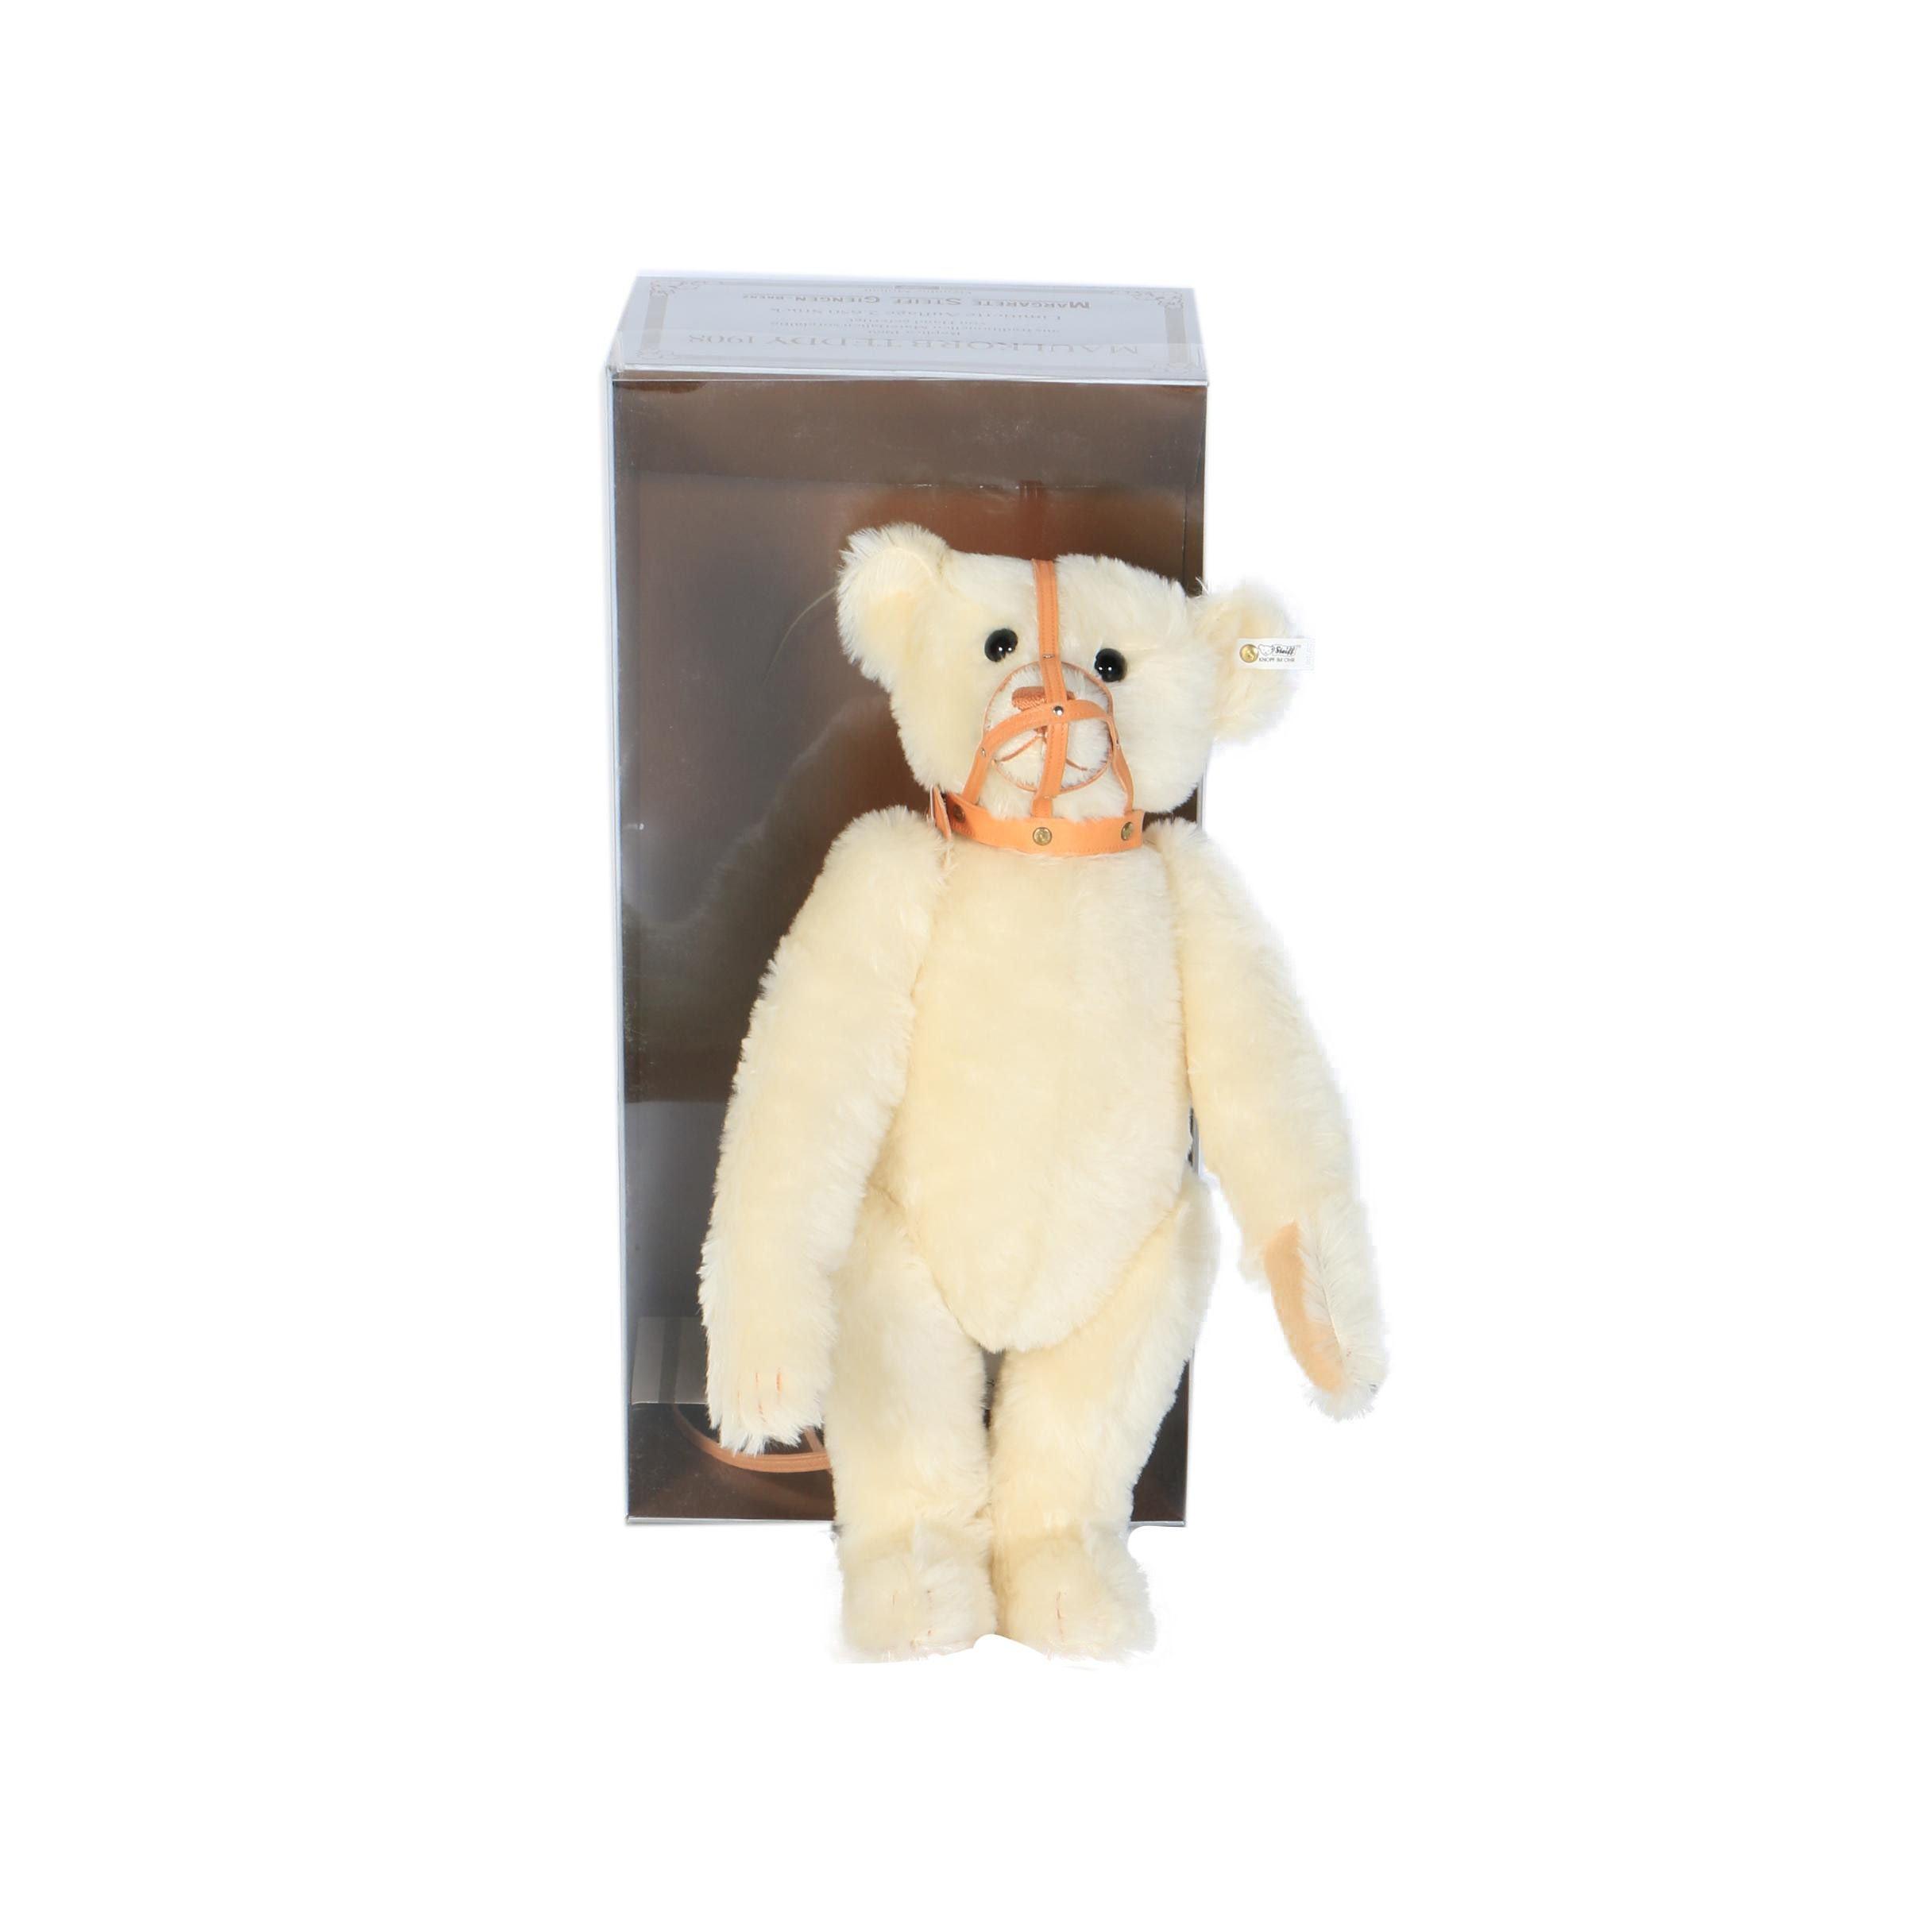 """1989 Steiff Limited Edition """"Maulkorb Teddy 1908"""" Teddy Bear"""